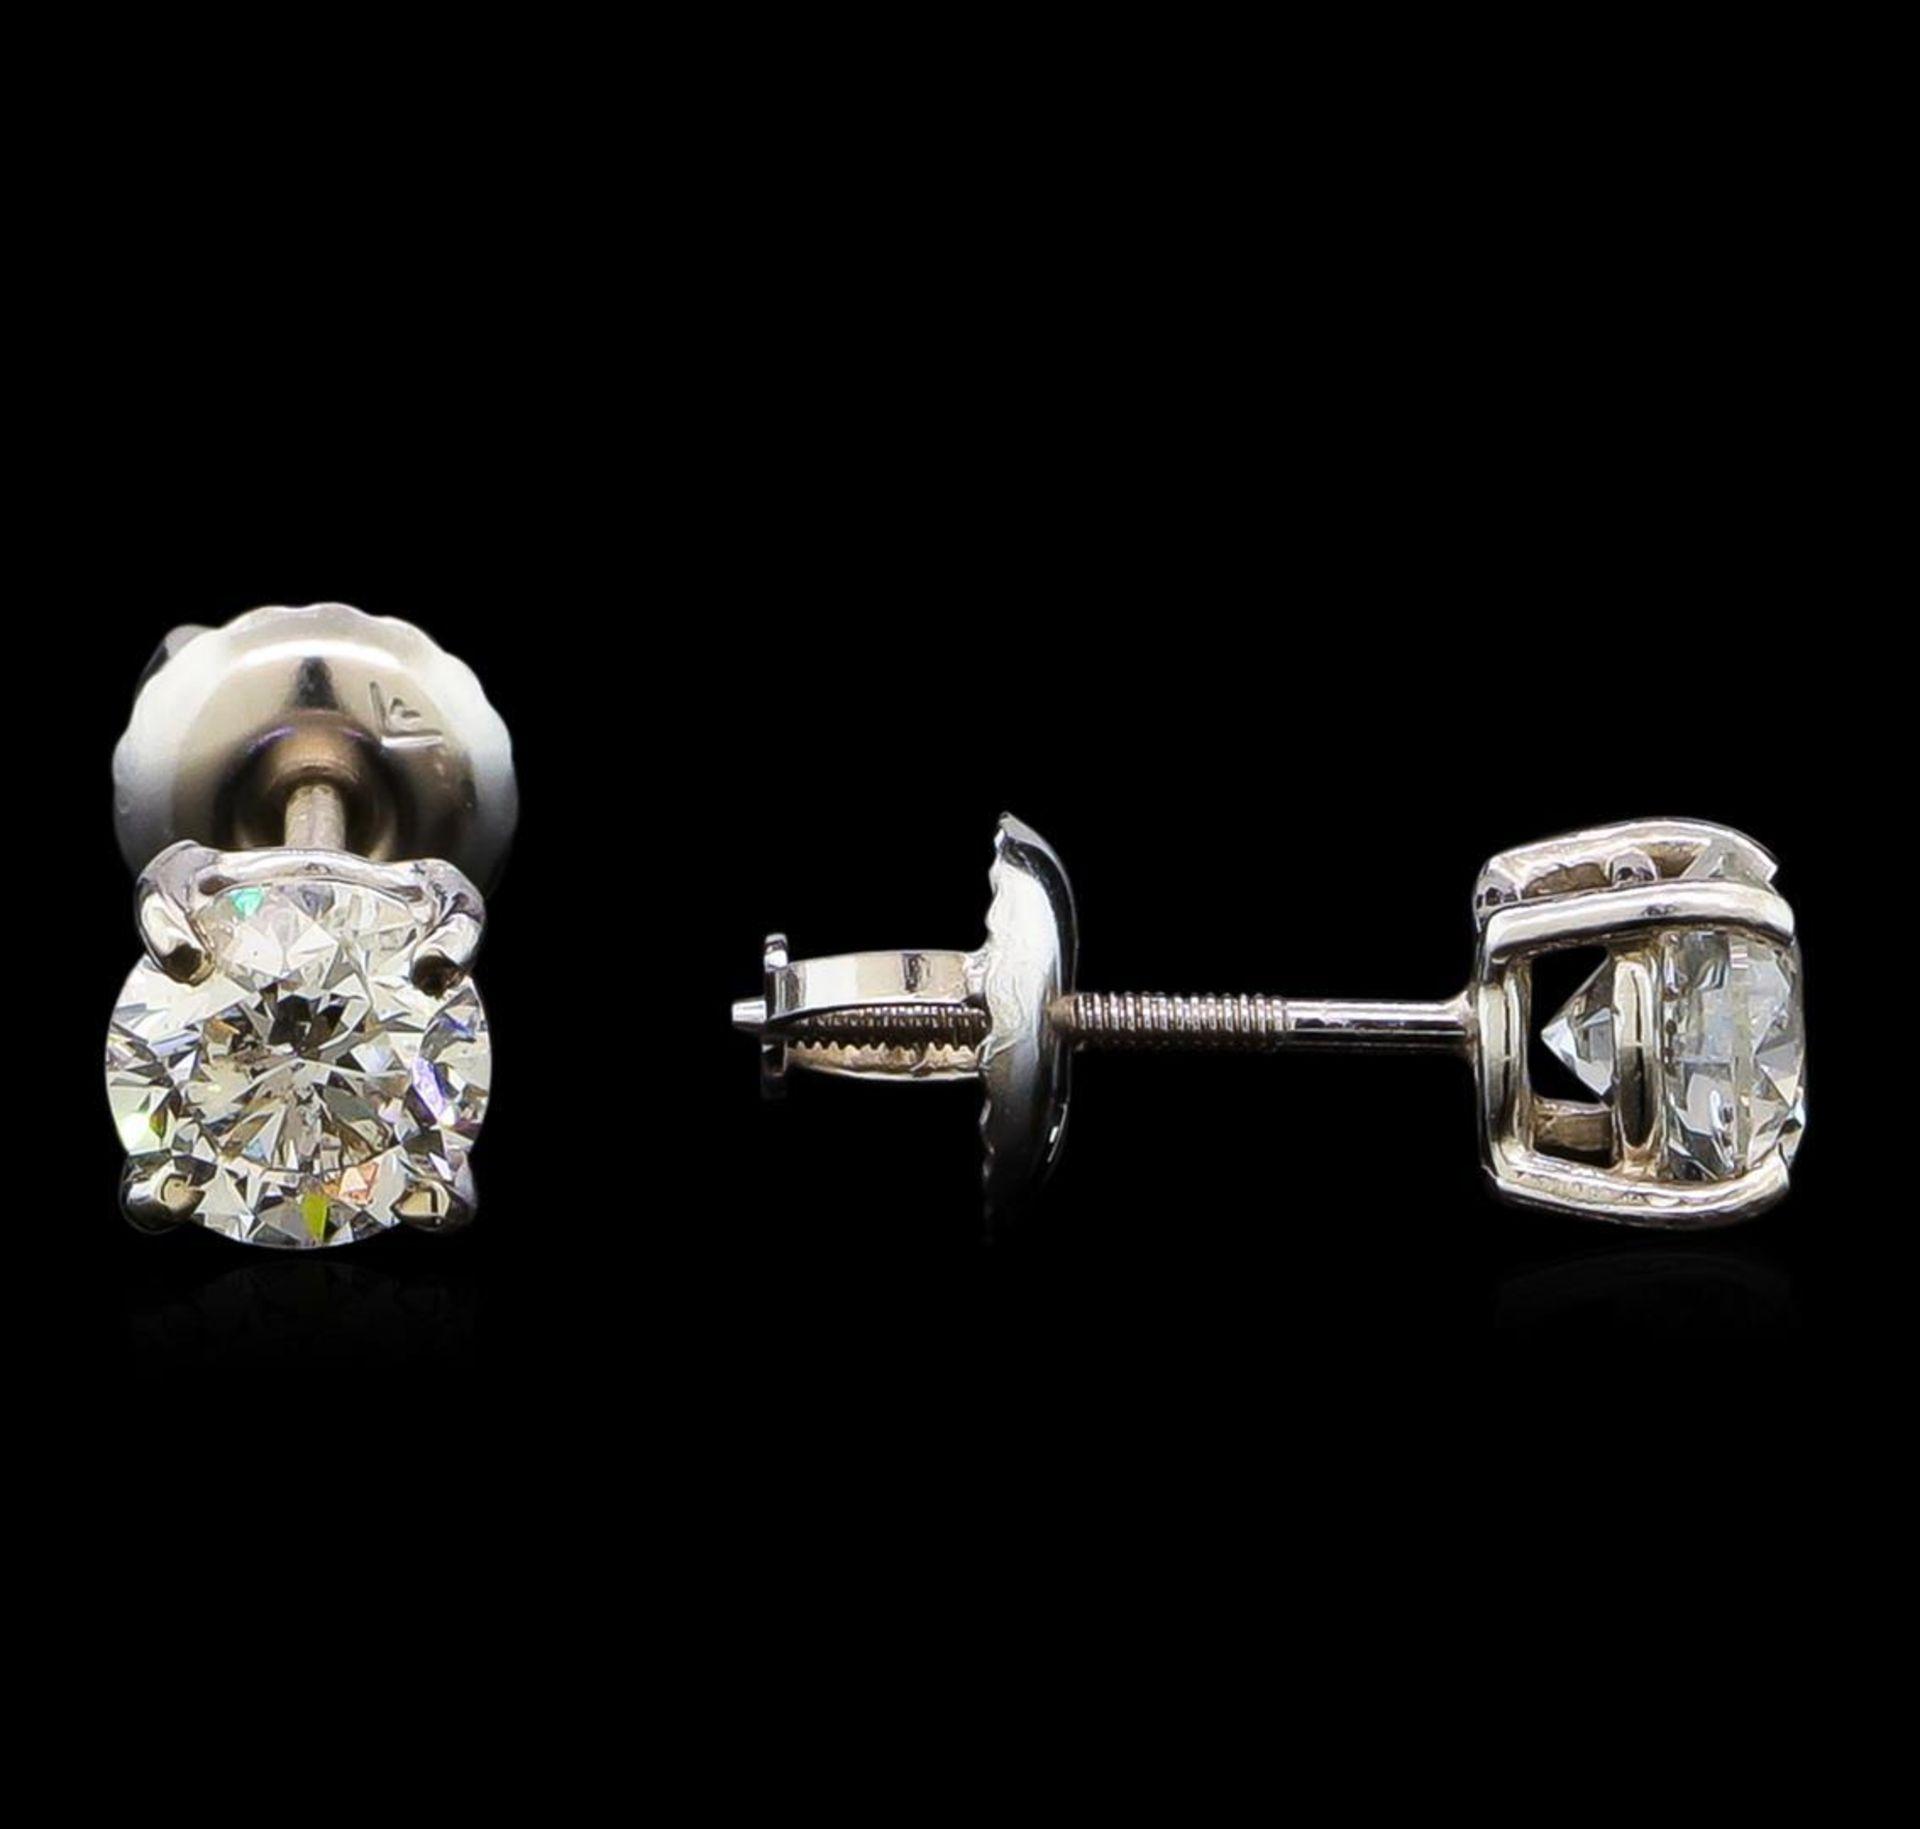 1.03 ctw Diamond Stud Earrings - 14KT White Gold - Image 2 of 3